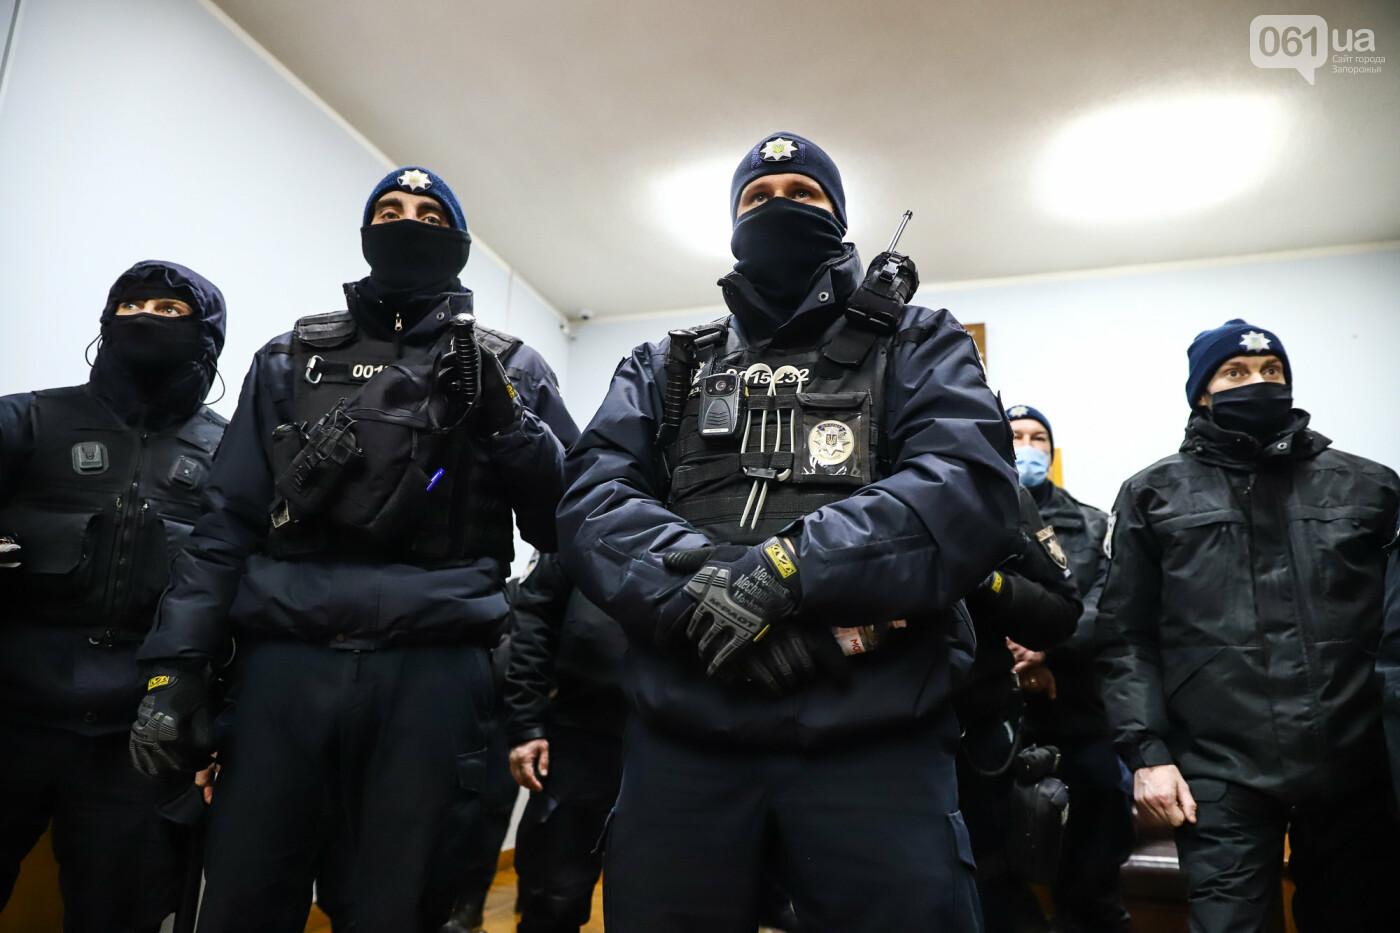 """Тайная """"сессия"""", сотни правоохранителей и стычки с активистами - что происходило в здании Запорожского облсовета, - ФОТО, ВИДЕО , фото-50"""